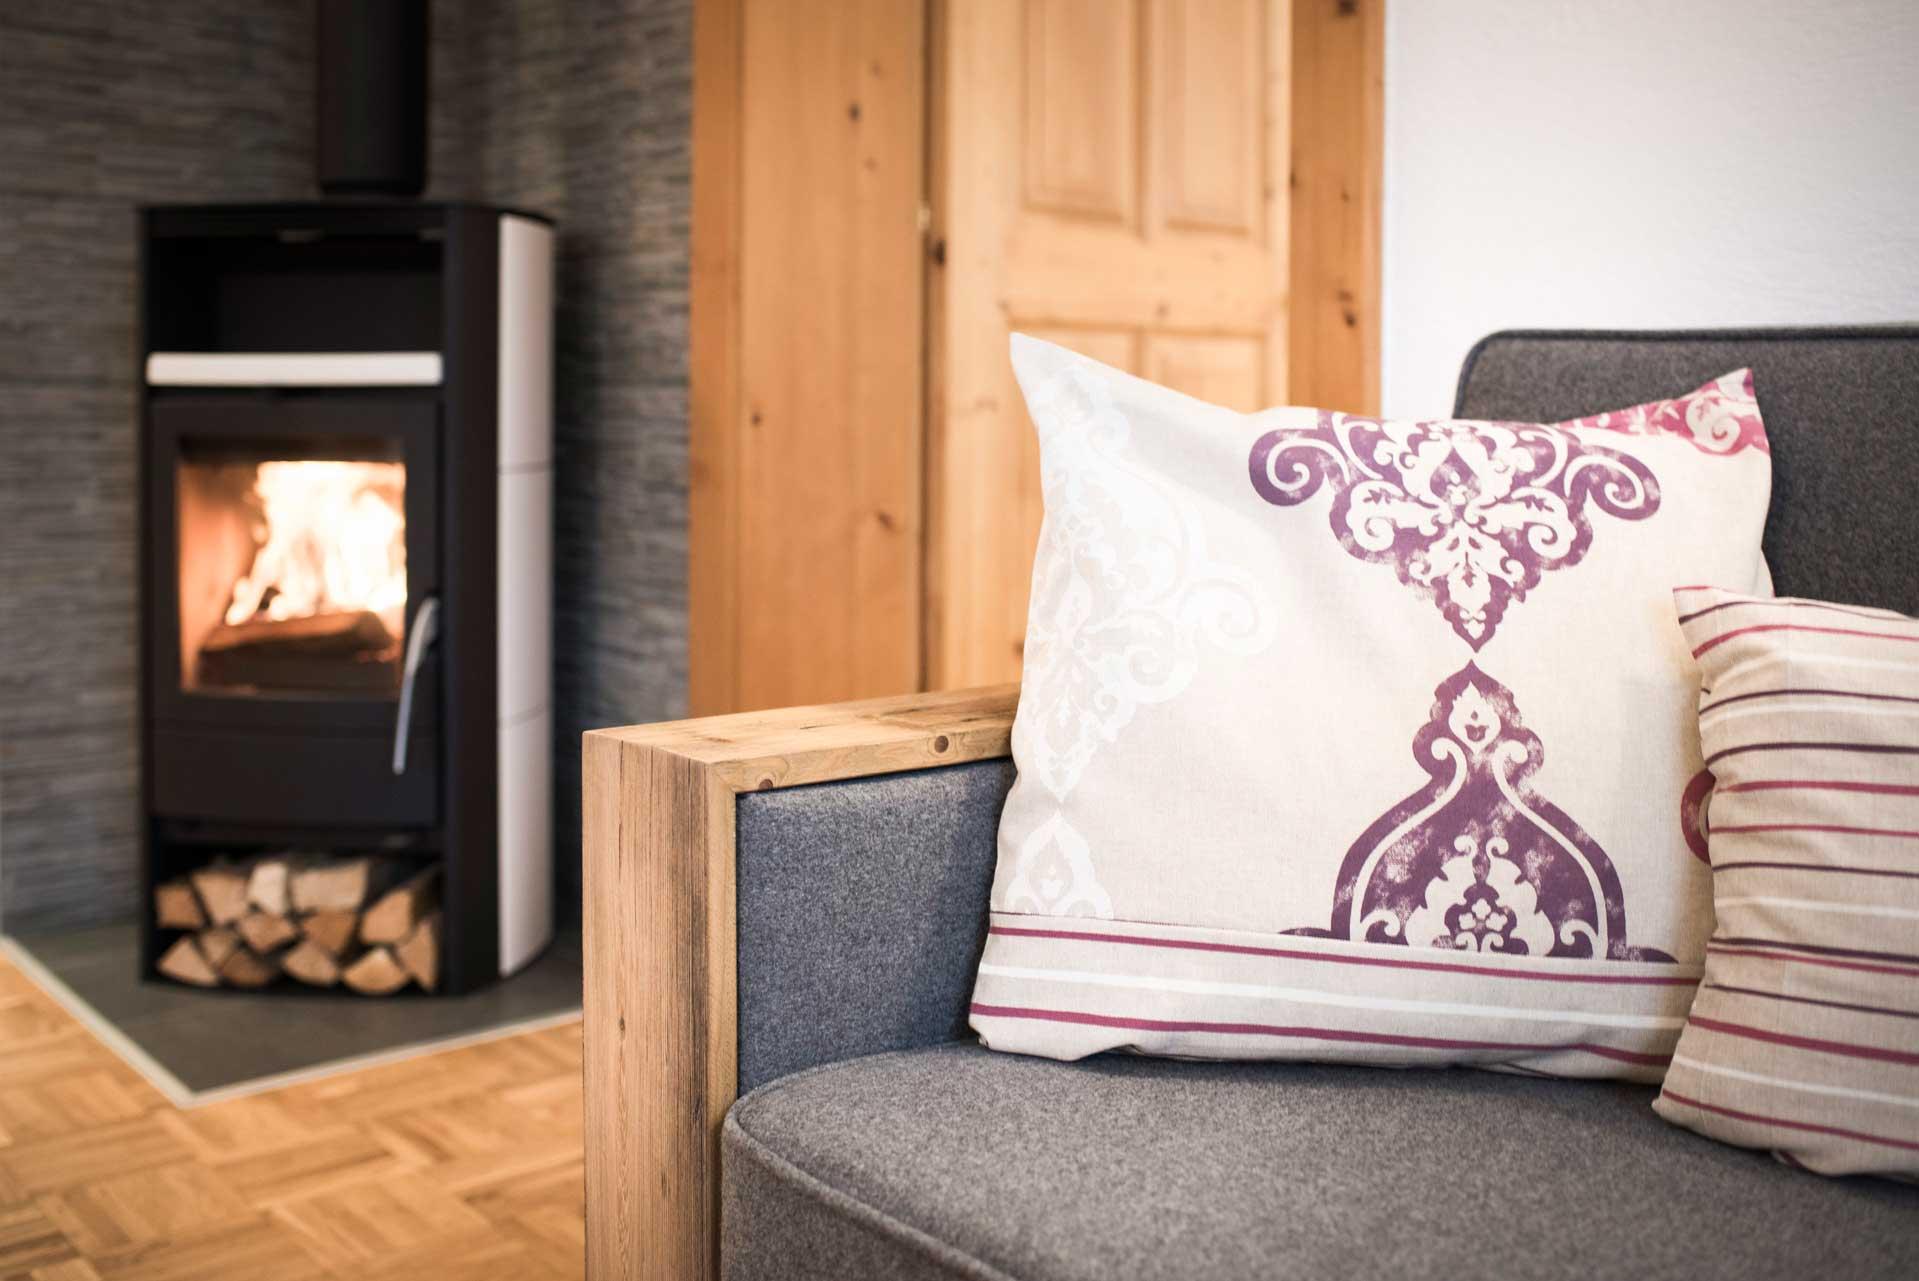 Ferienwohnung Siebenschläfer in Neustift im Stubaital - Sofa & Kamin